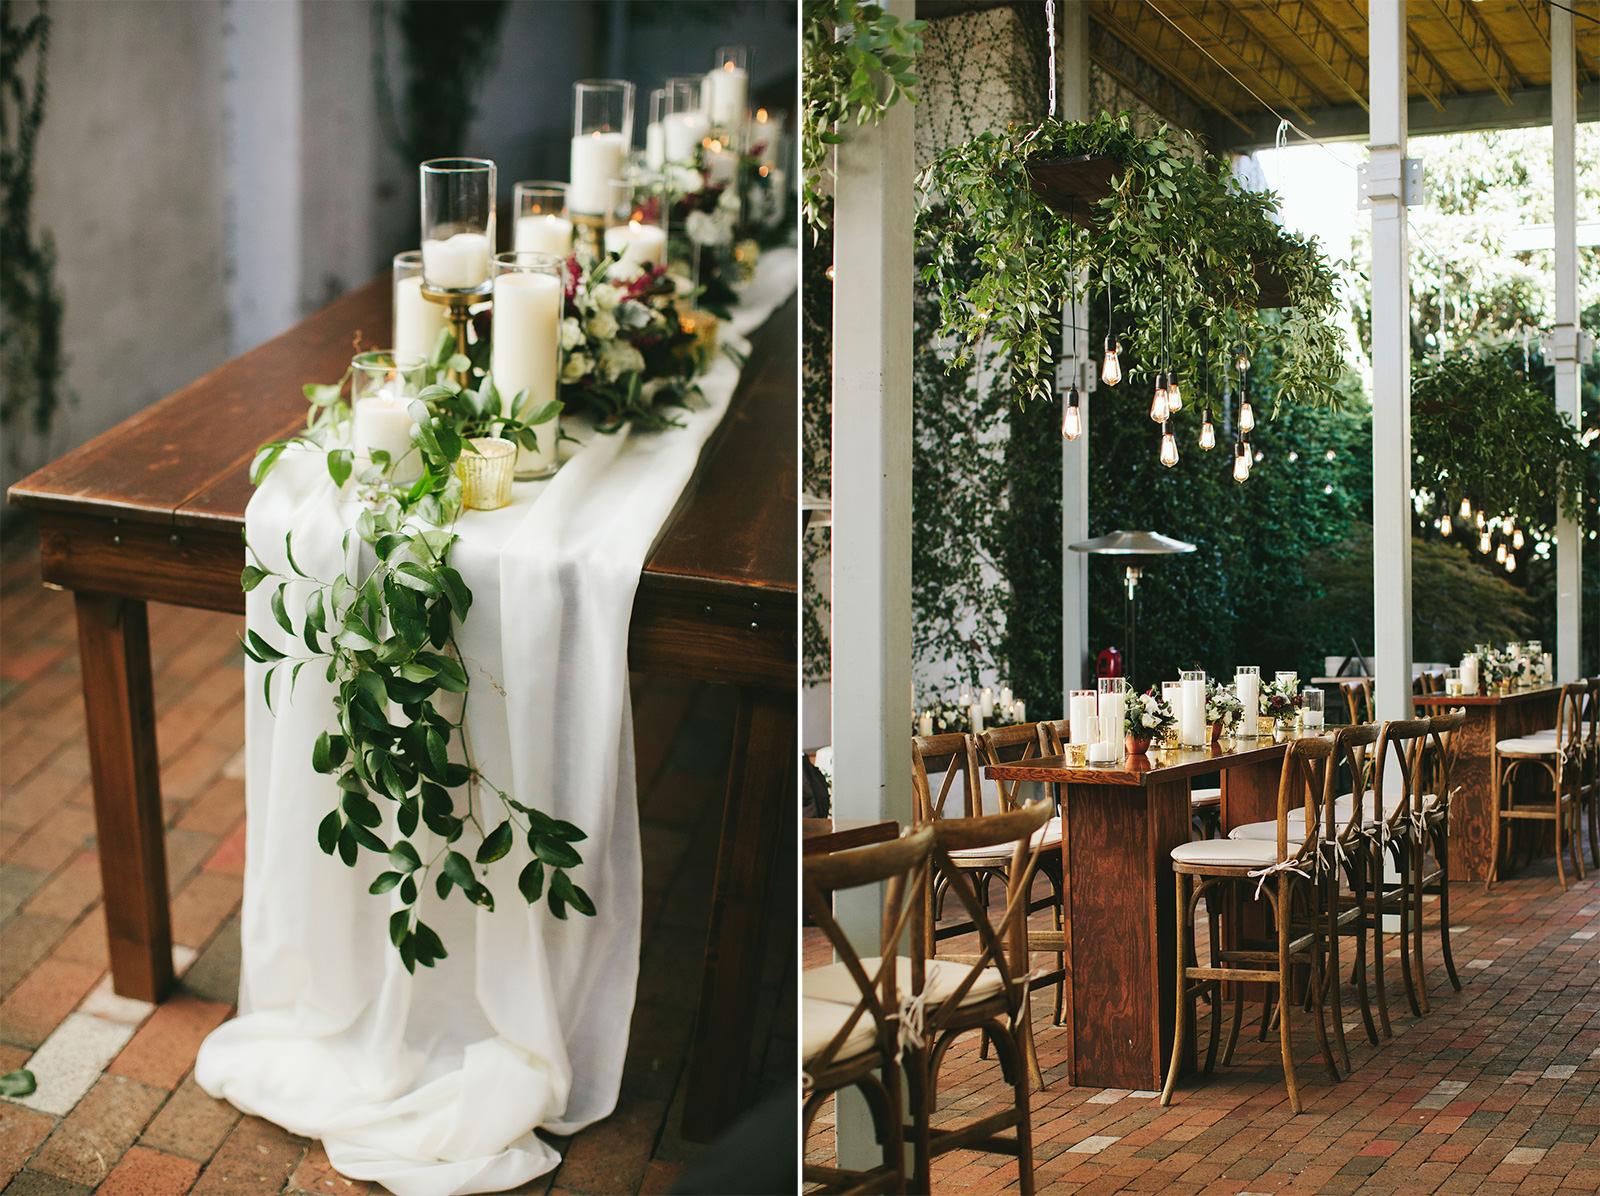 botanical table decor wedding